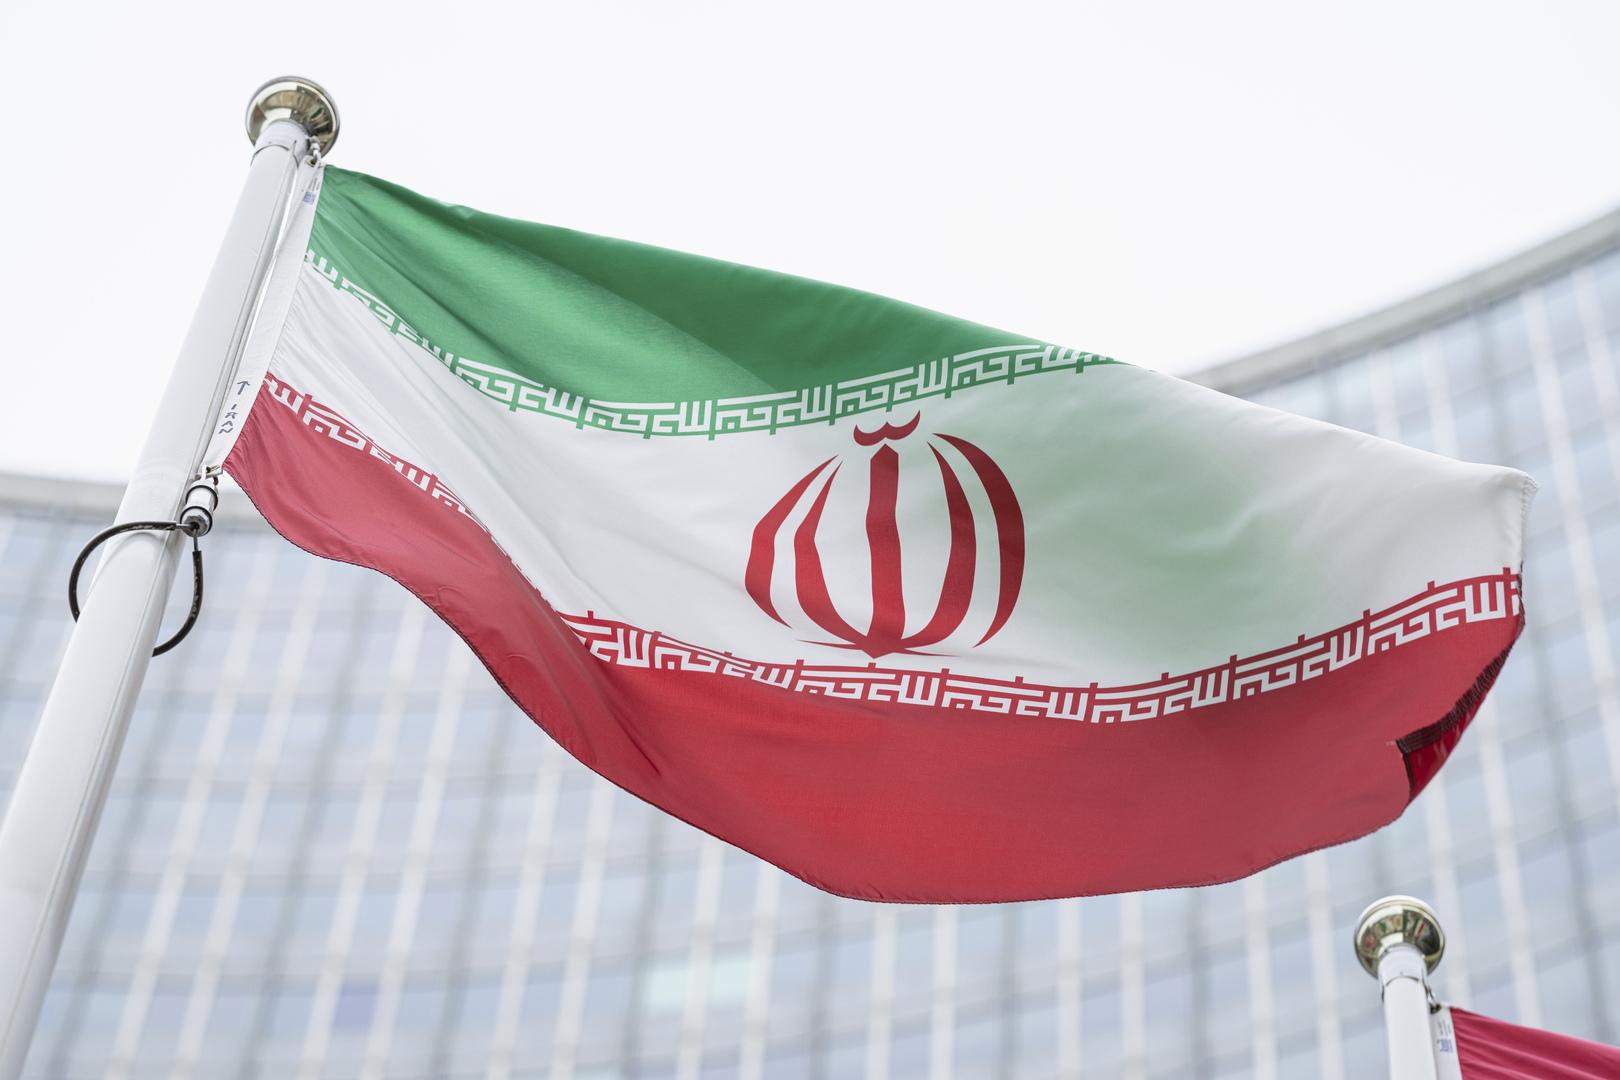 إيران تعلن استئناف المفاوضات النووية خلال الأسابيع القادمة